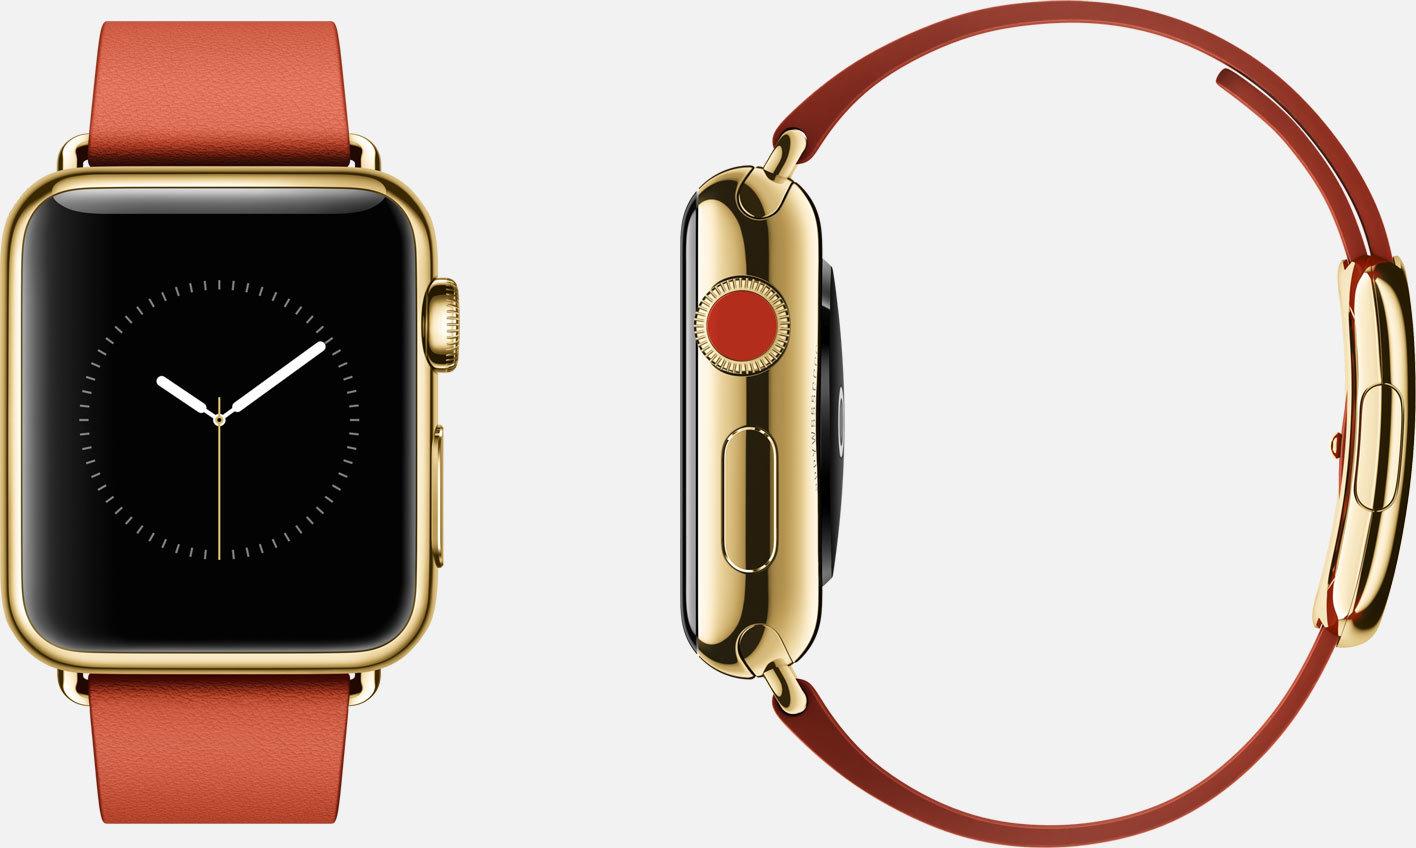 Eine Variante der Apple Watch Edition